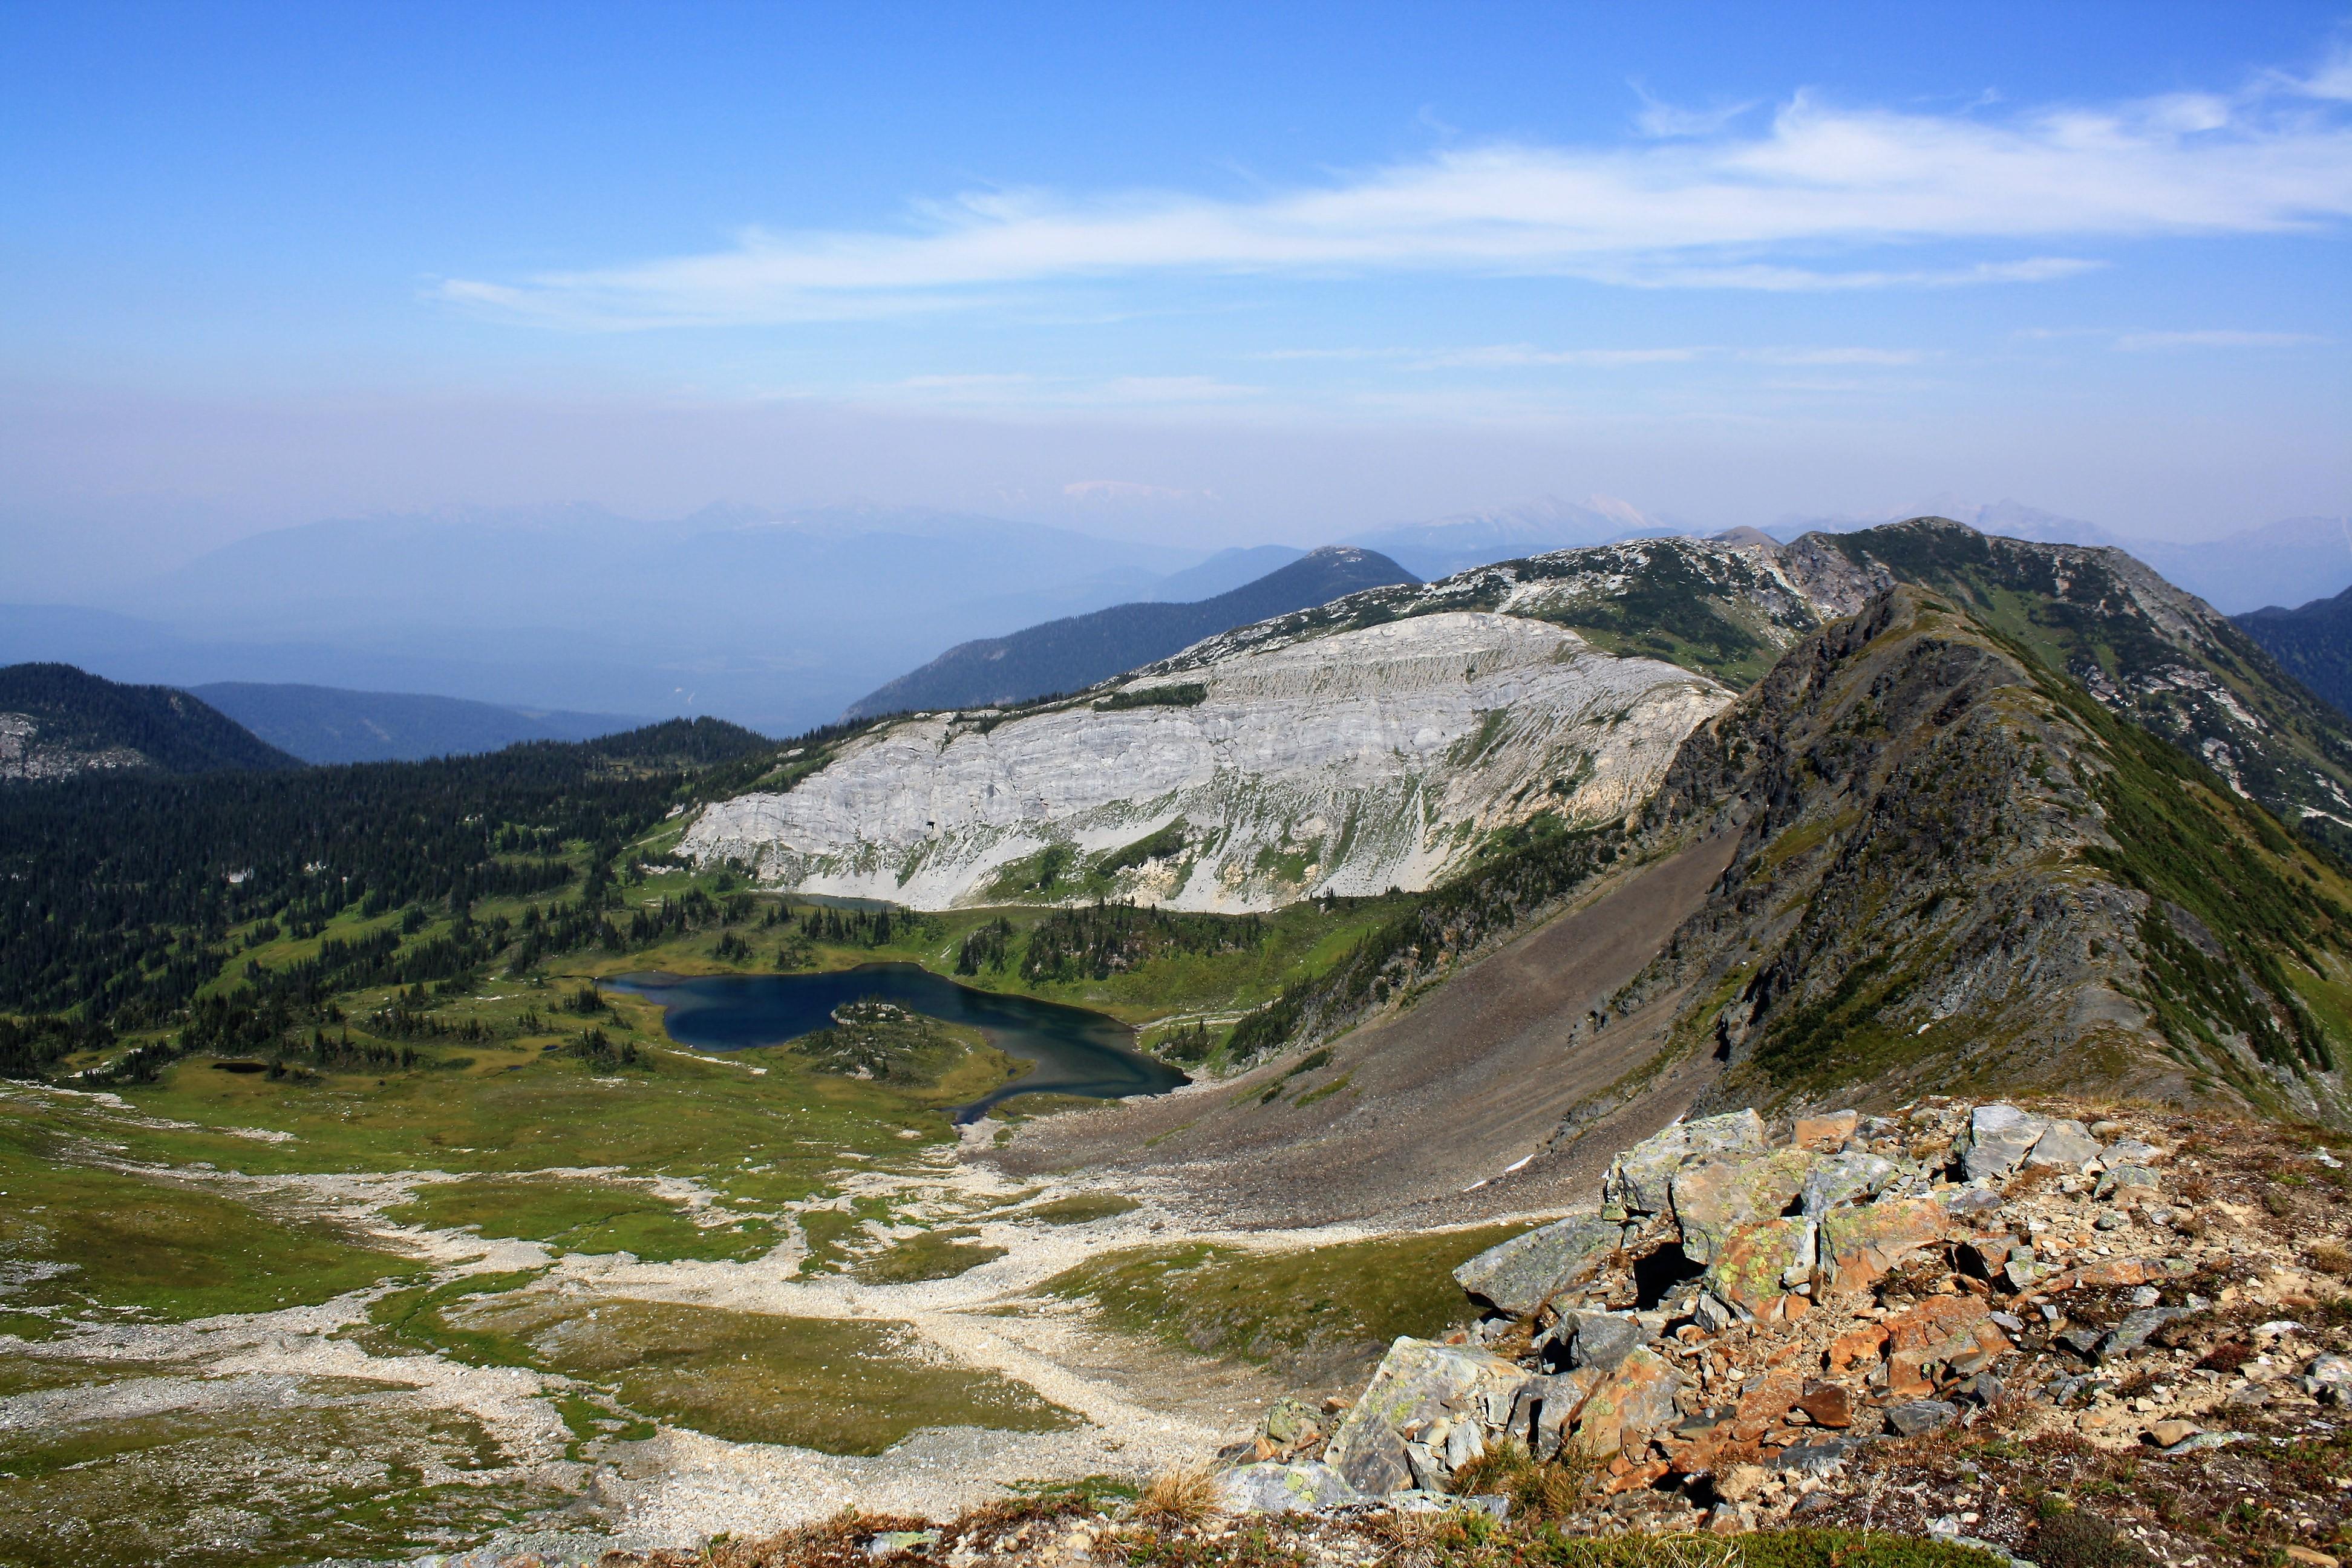 DM_nature_landscape_fangmountain_6822